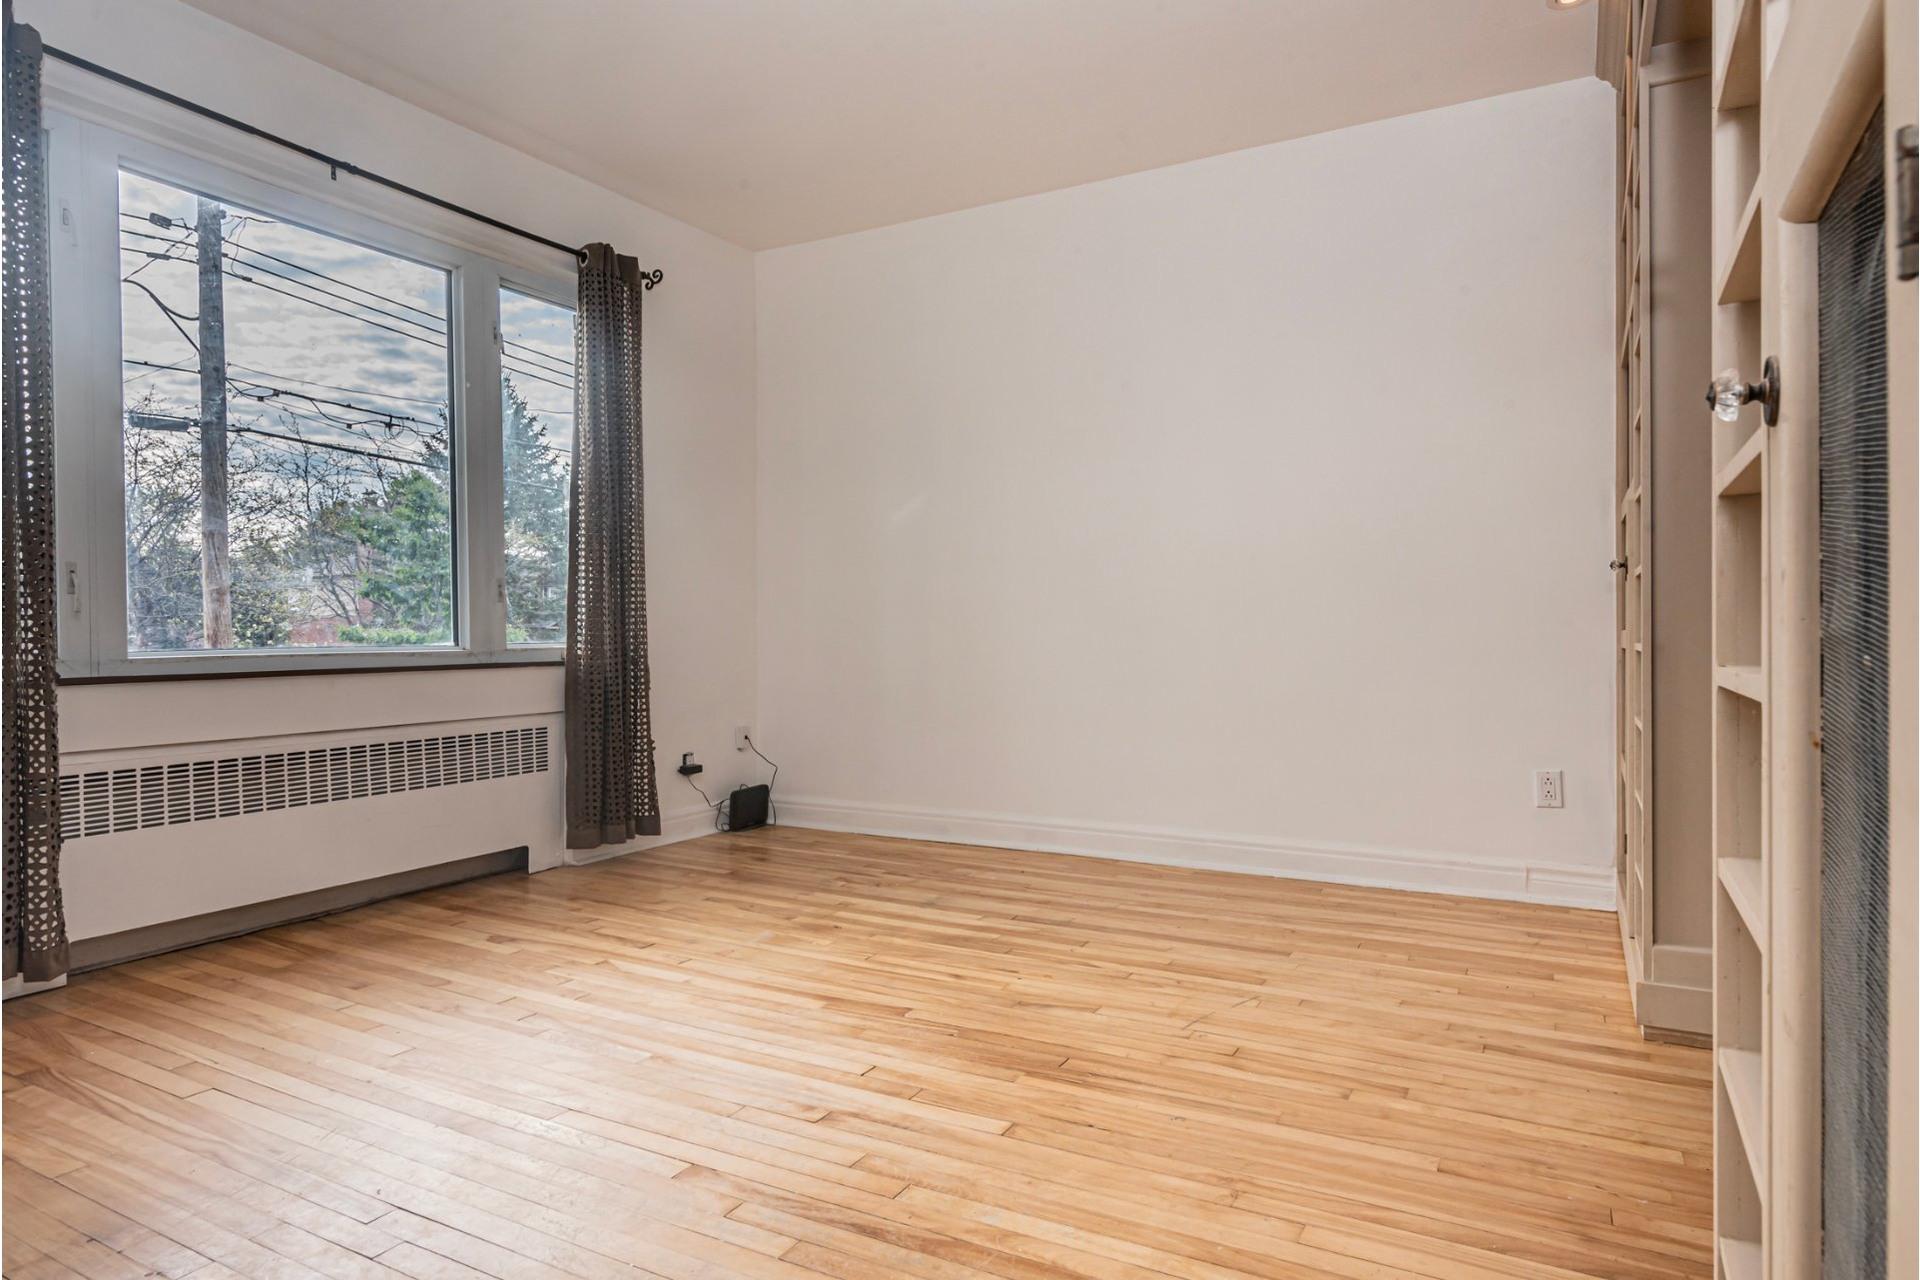 image 7 - House For sale Lachine Montréal  - 12 rooms